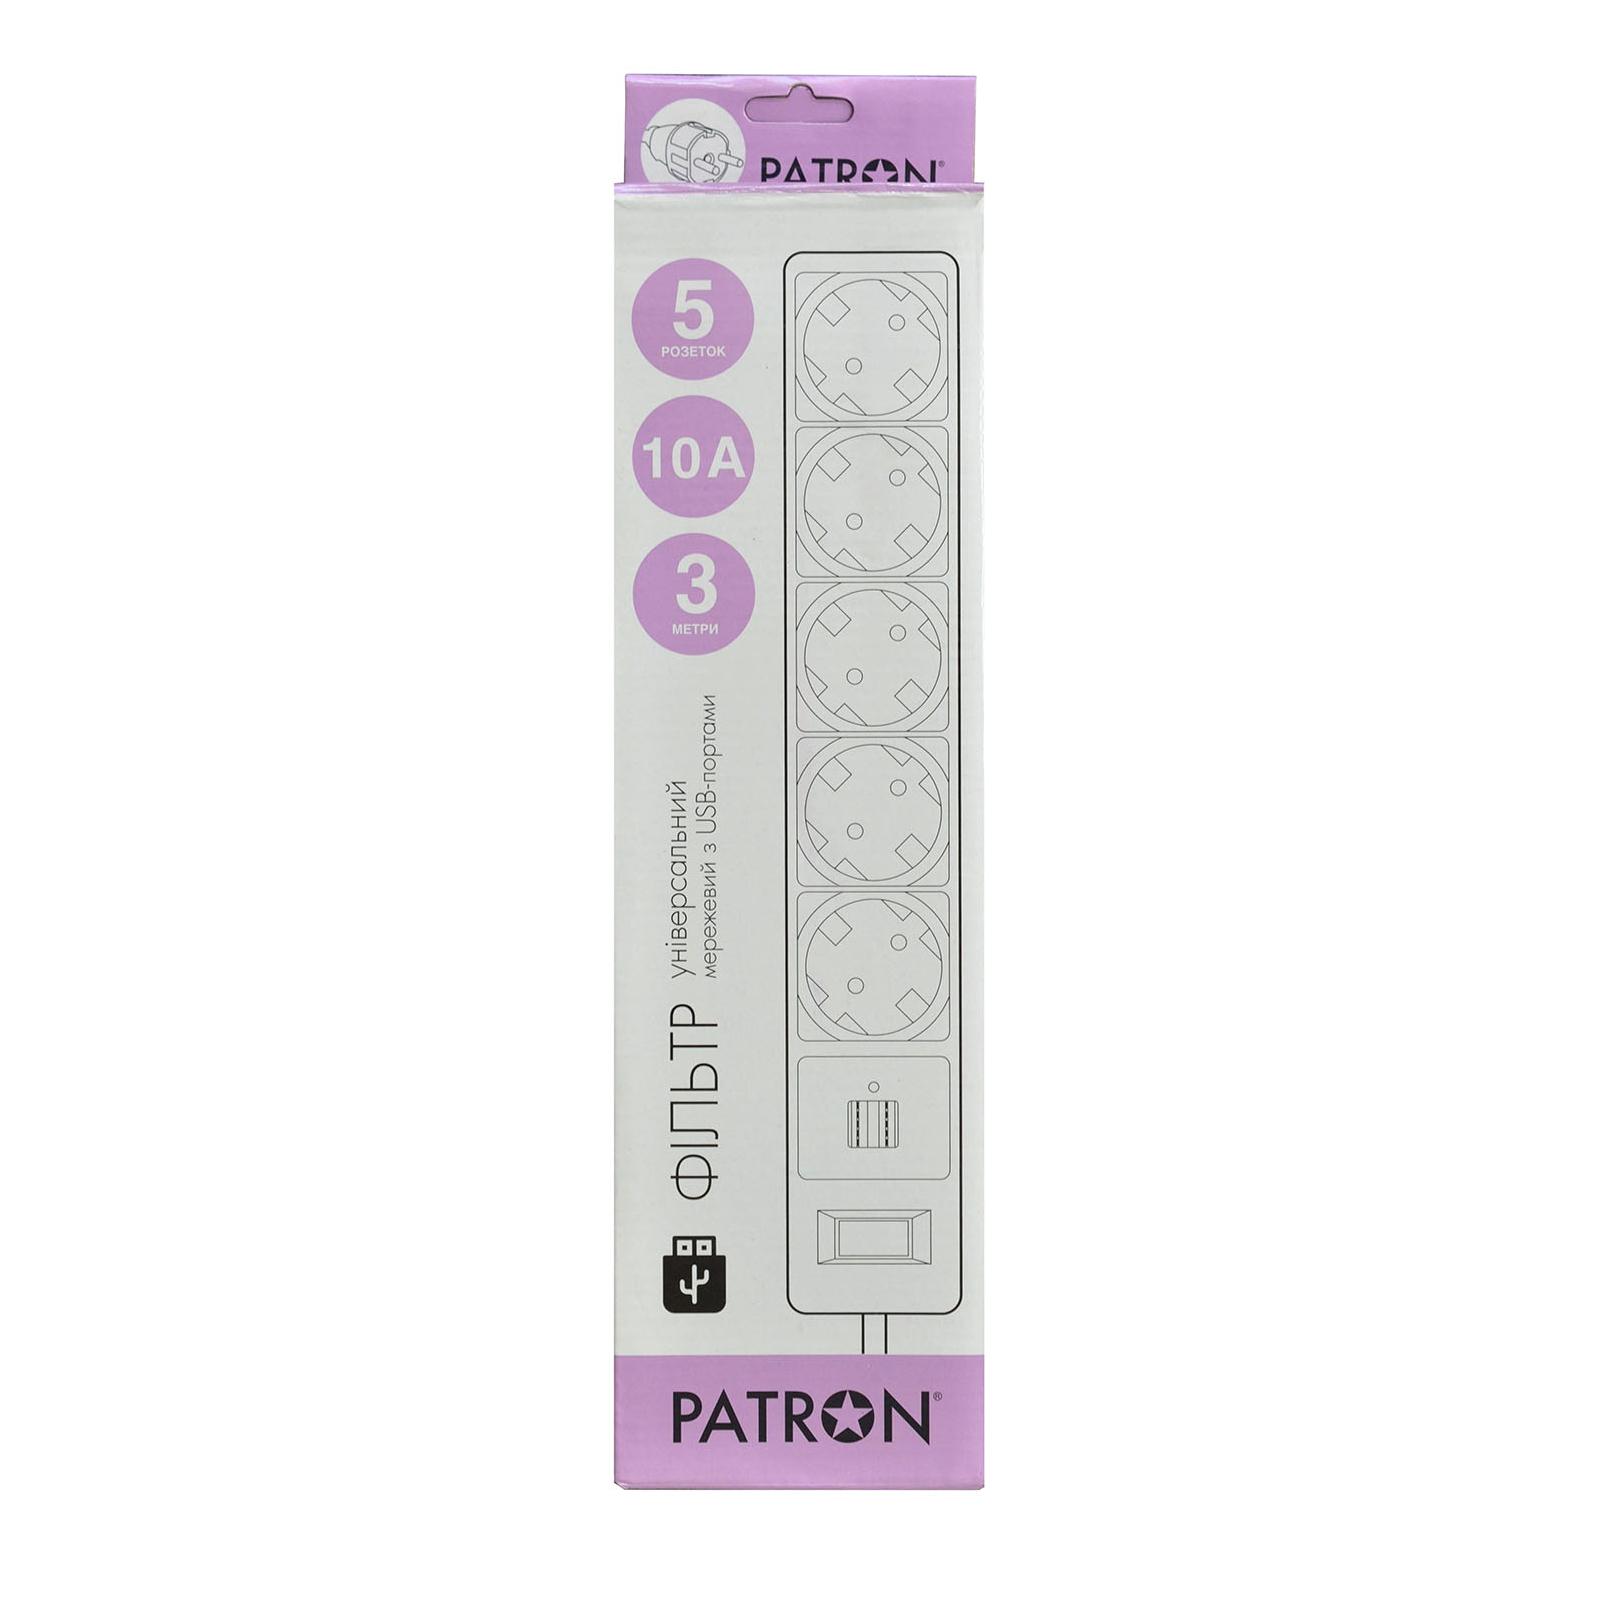 Сетевой фильтр питания Patron 3m (SP-53) + 2 USB 2.0, 2.1A , 5 роз. BLACK (EXT-PN-SP-53-USB) изображение 2